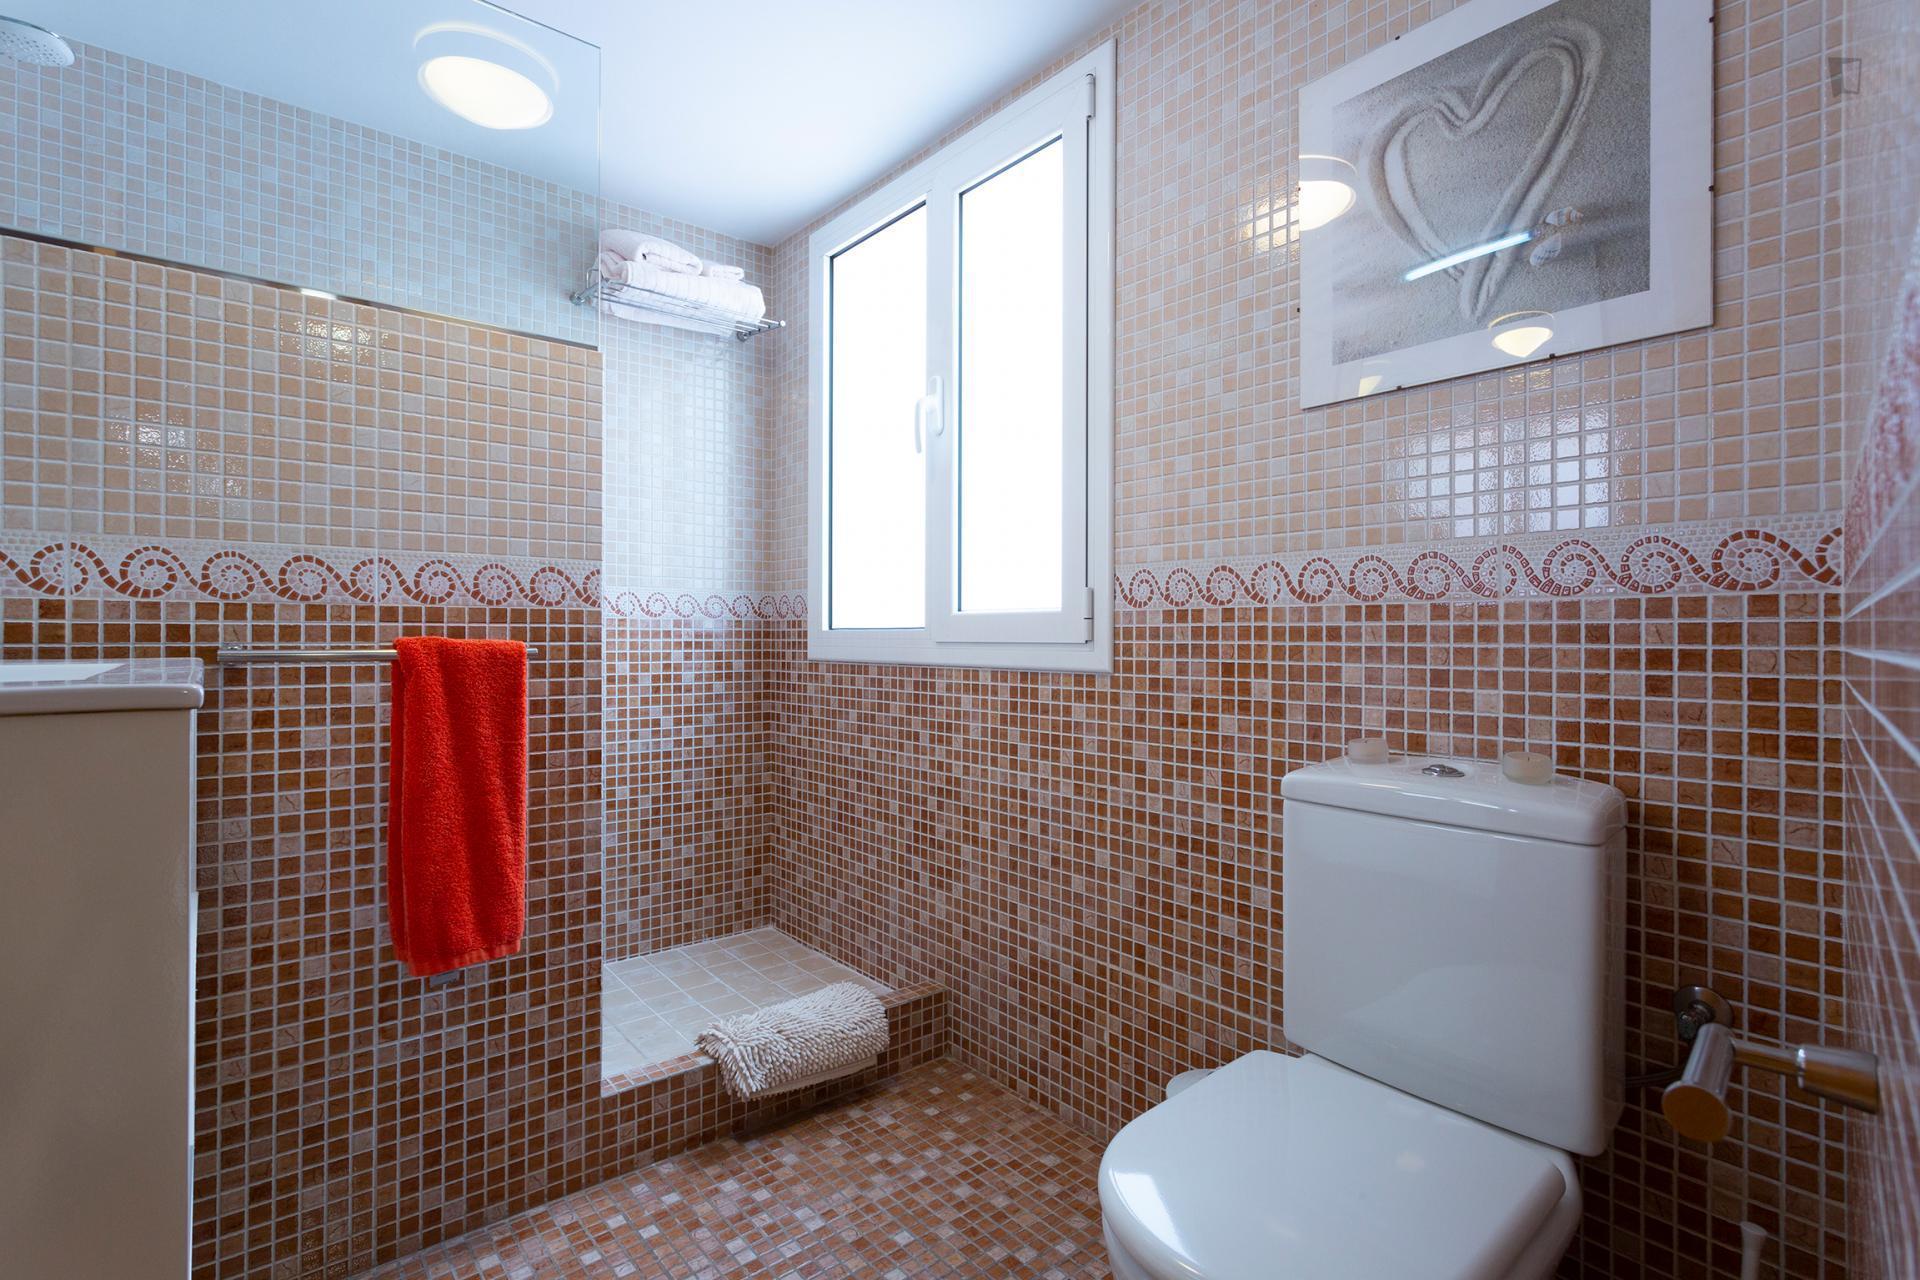 Ciutadella - 2 bedroom flat in Barcelona